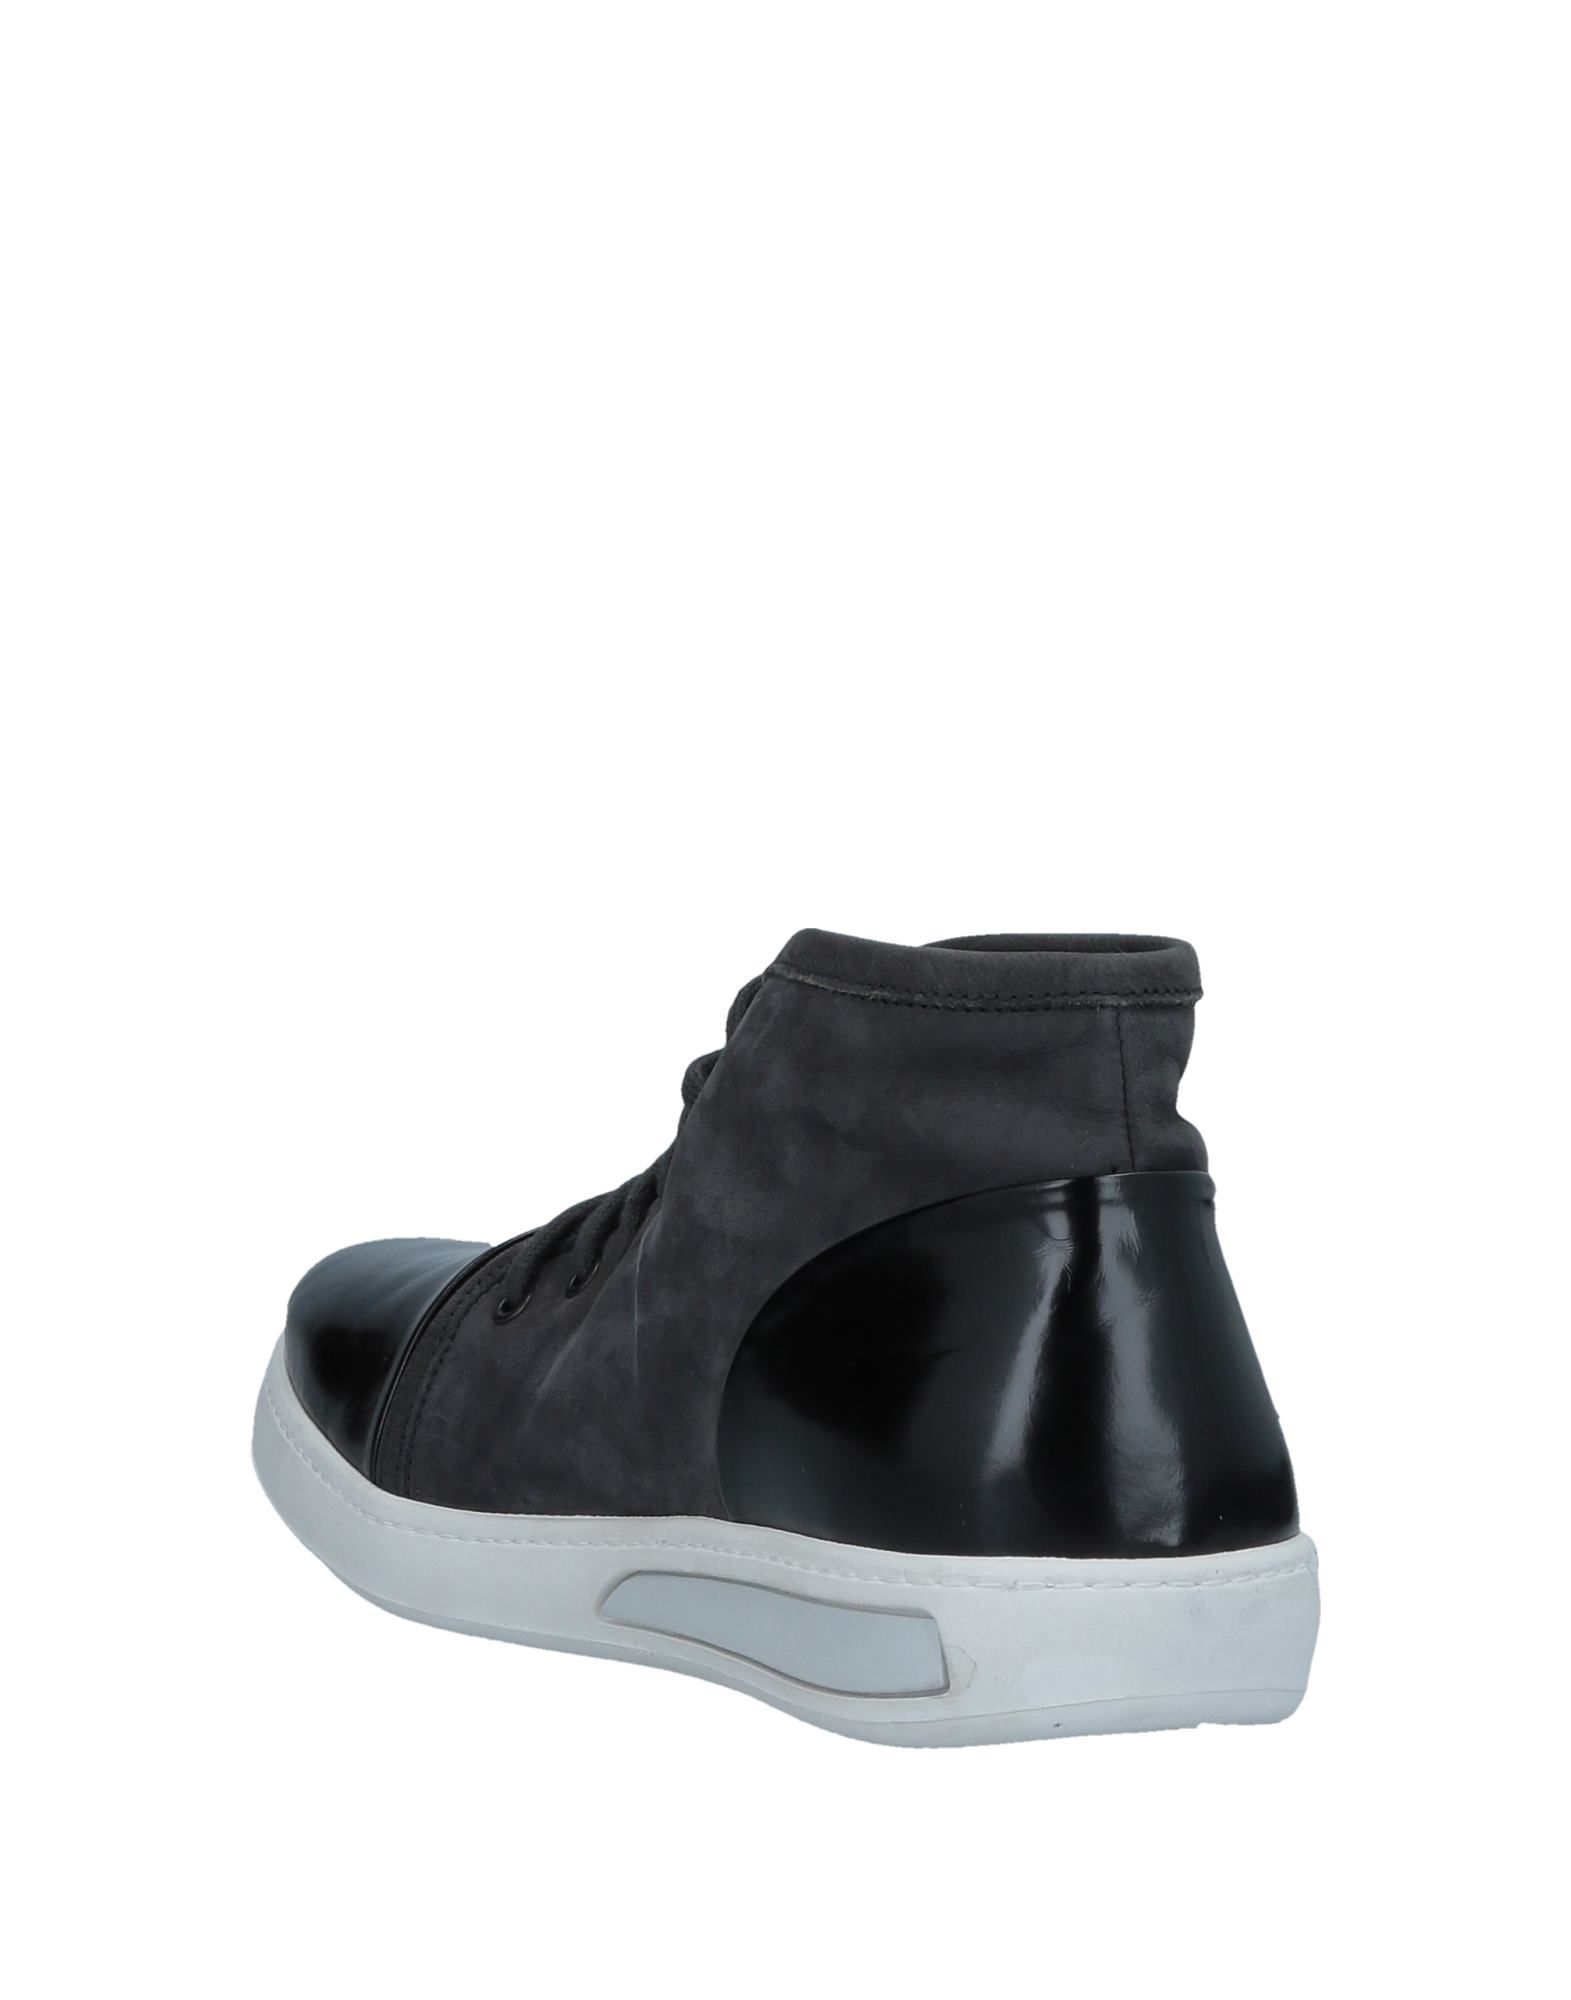 Premiata Gute Sneakers Herren  11530992QN Gute Premiata Qualität beliebte Schuhe 4012bb